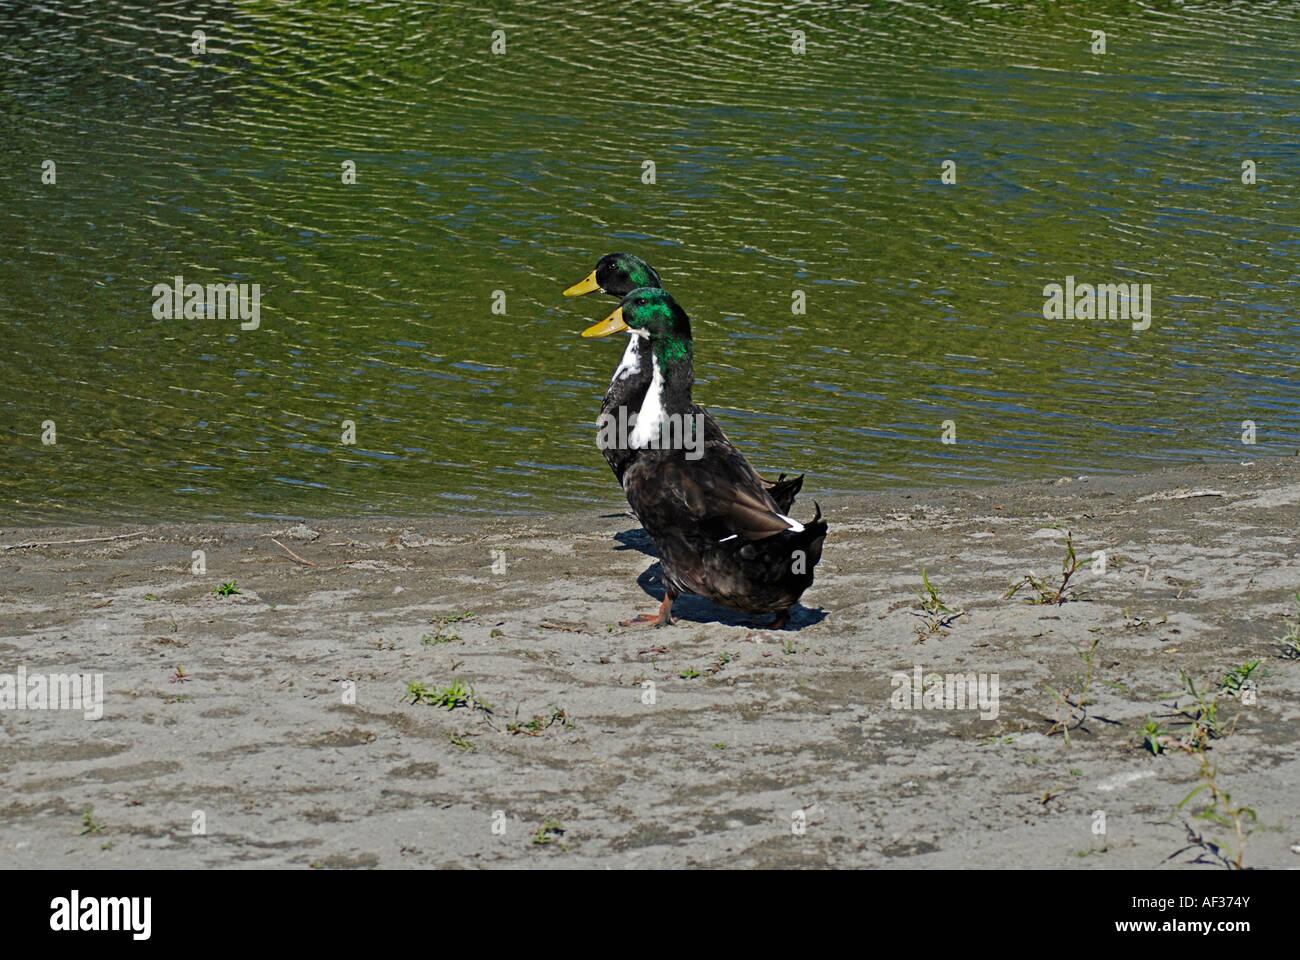 Paar von Enten auf Spaziergang Stockbild